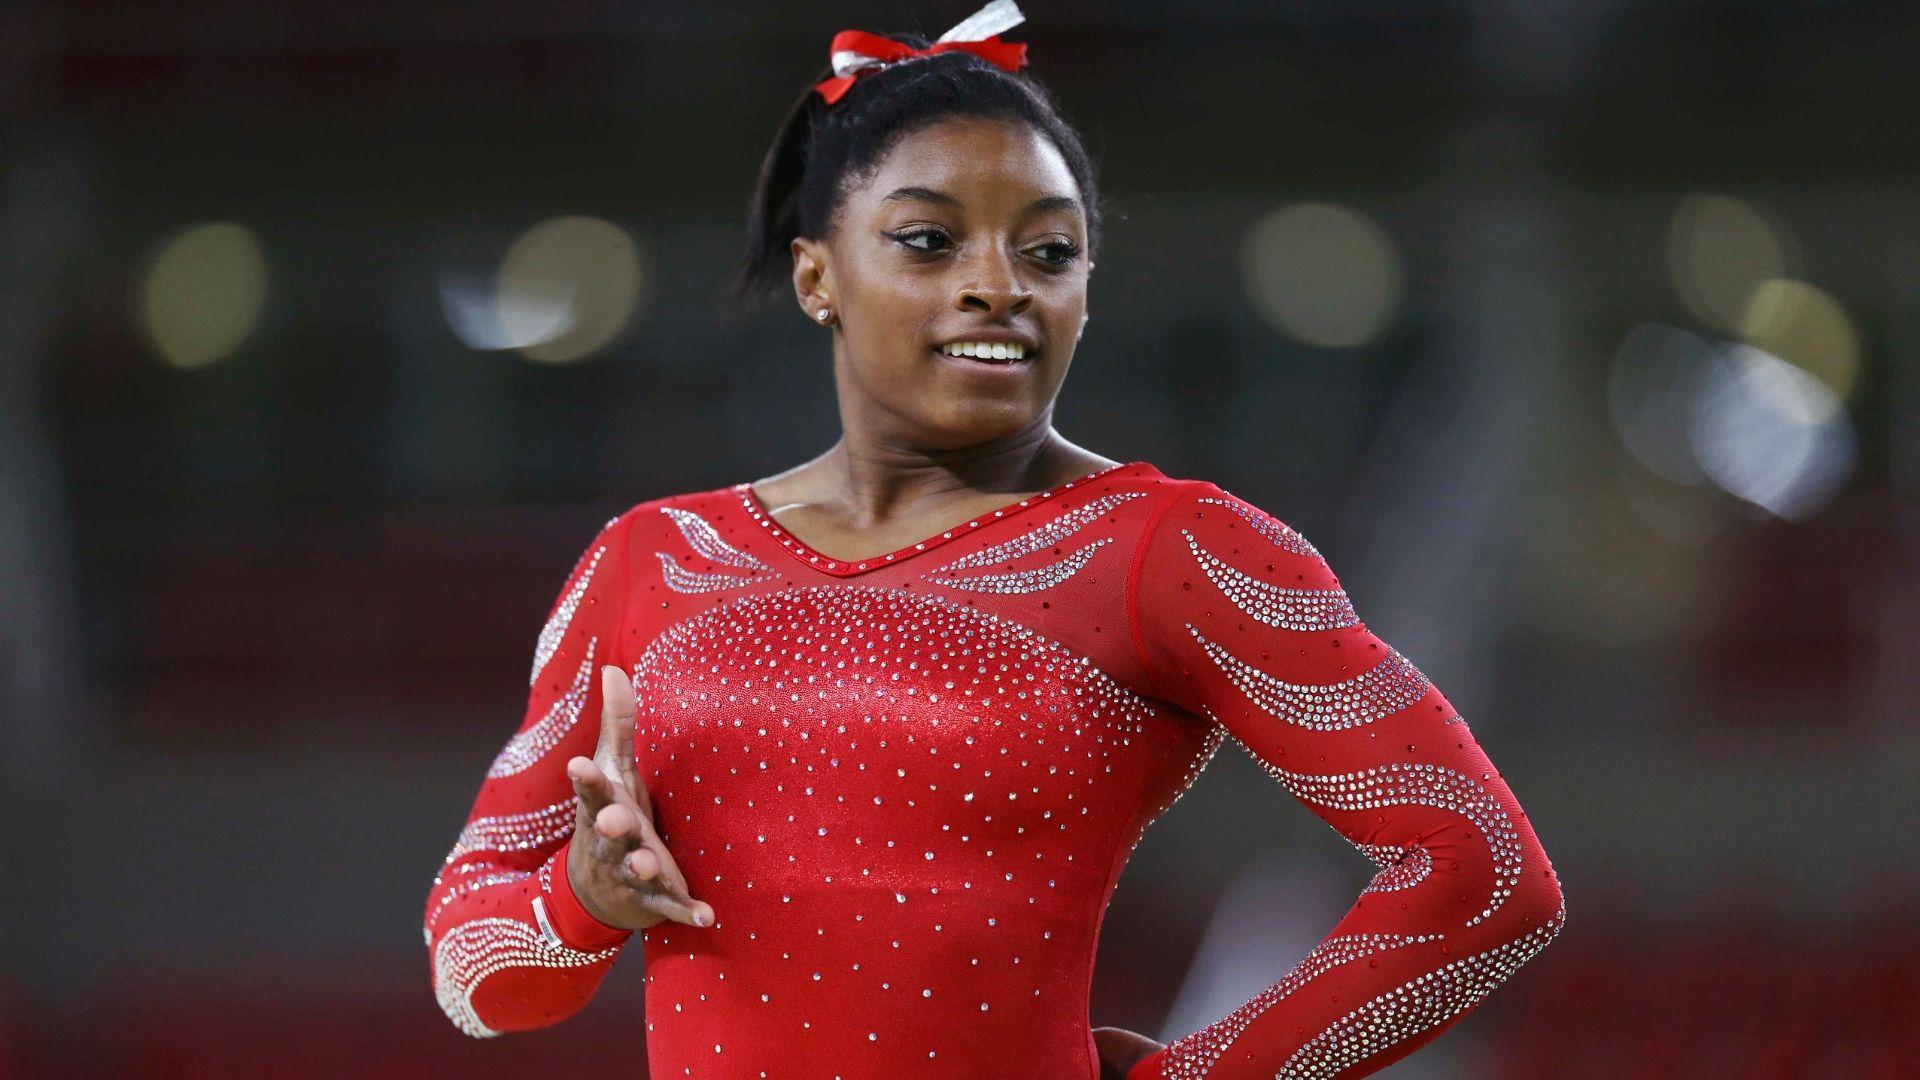 Simone Biles' journey to world's best gymnast